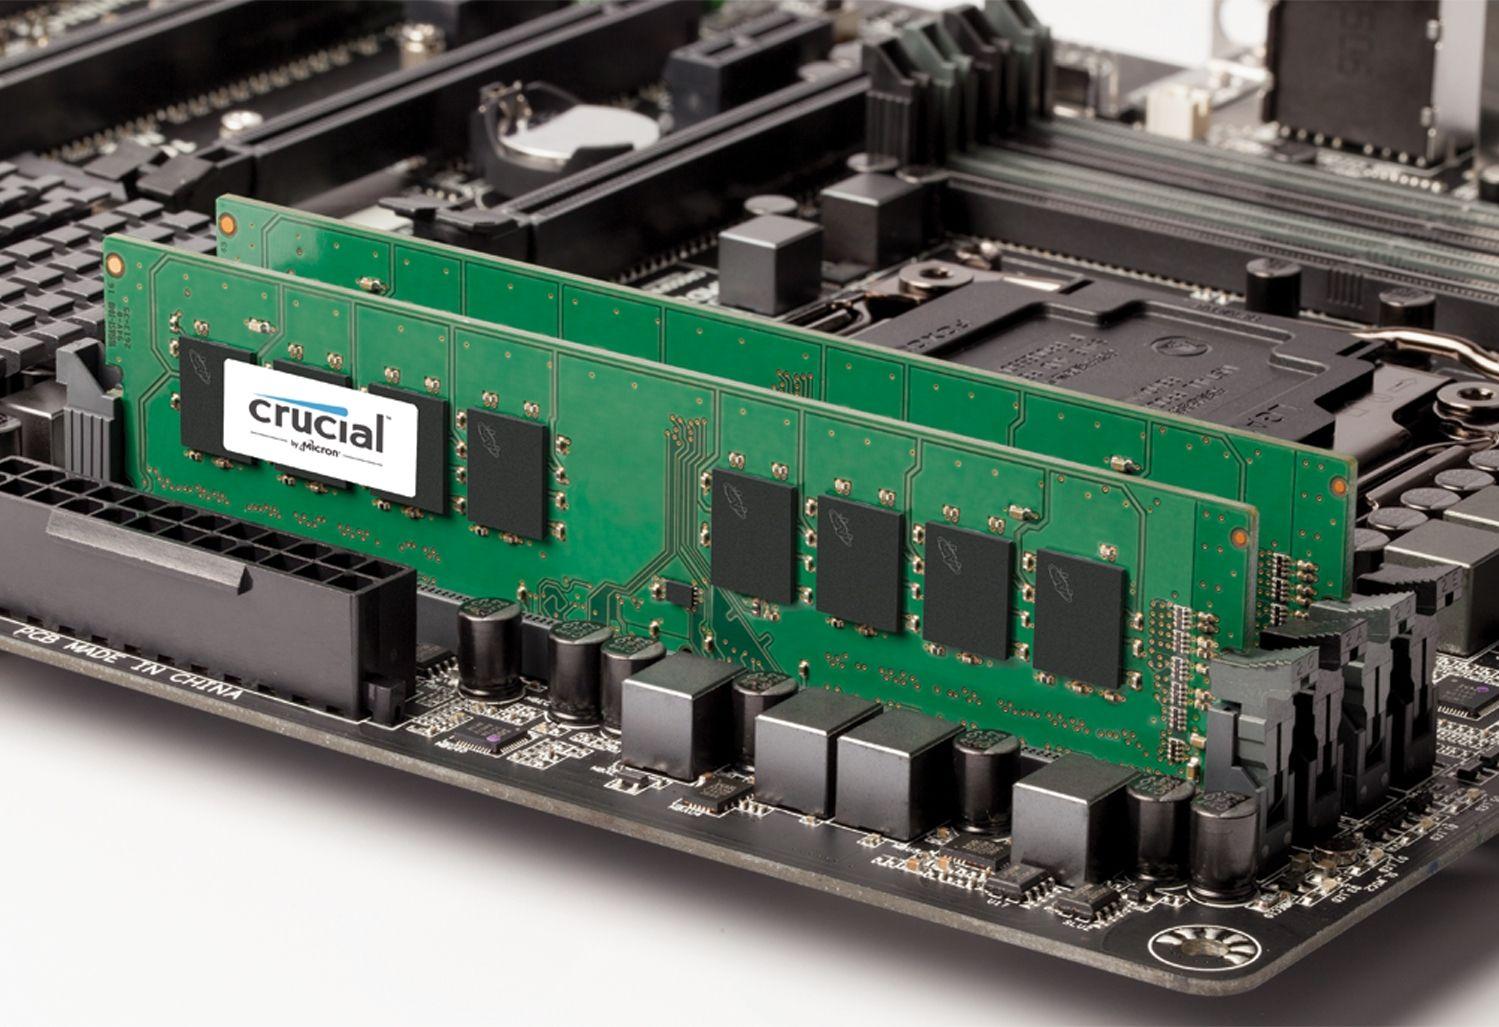 Zwei Crucial RAM-Module auf einem Motherboard